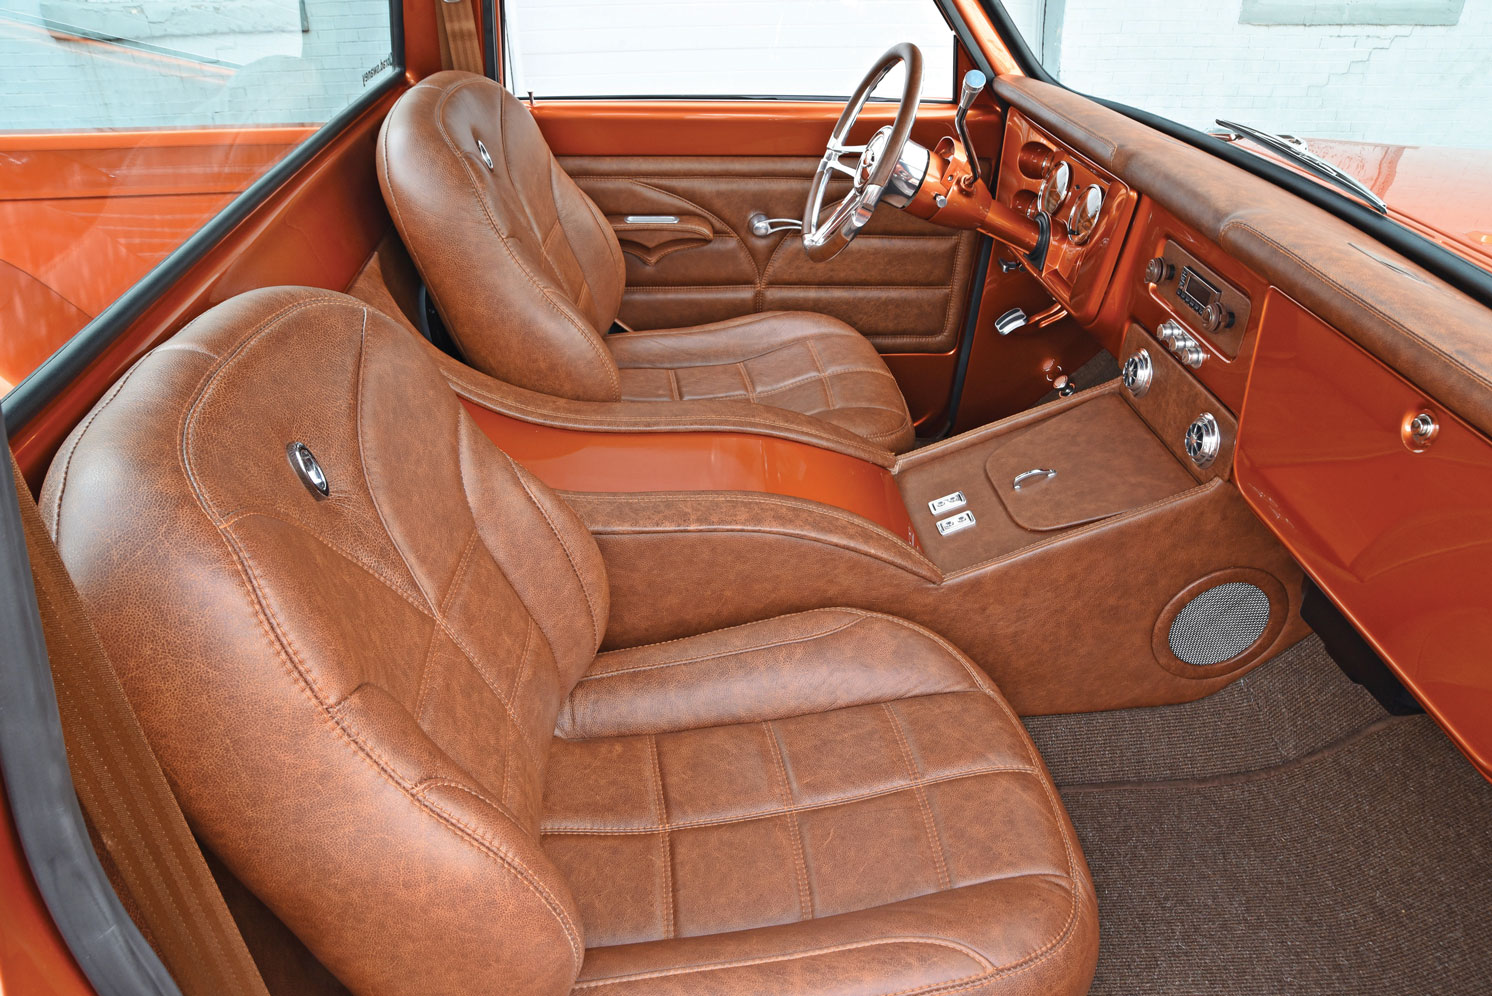 009-chevy-c10-seats